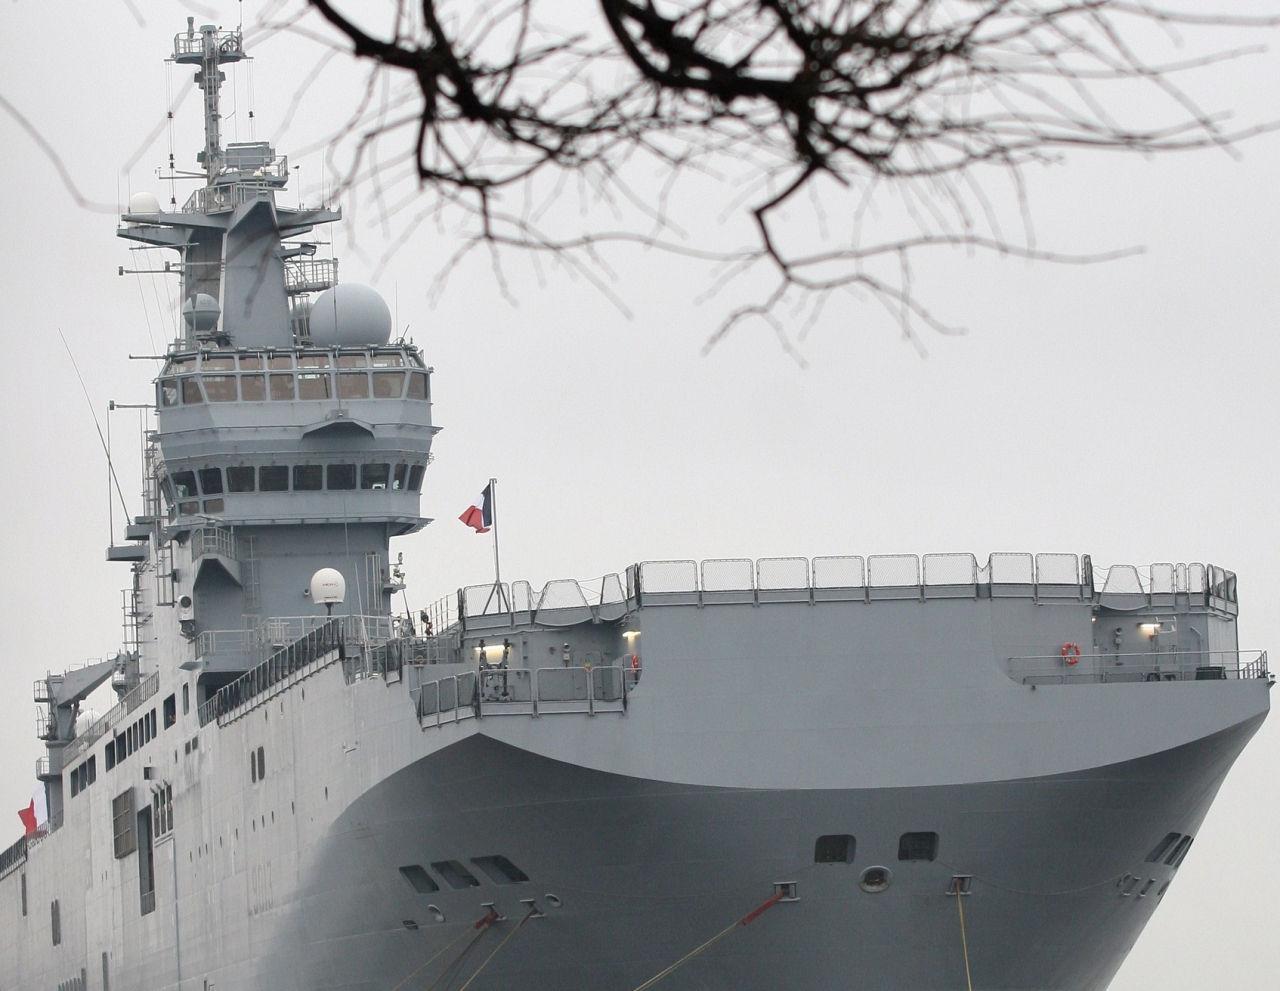 Россия введет санкции против Франции за срыв контракта на поставки «Мистралей» // Russian Look